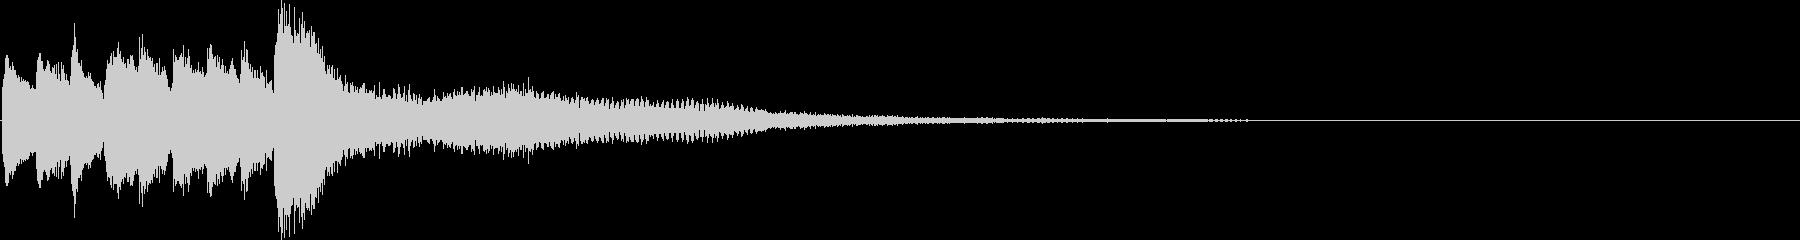 クイックスキップIDアクセントの未再生の波形